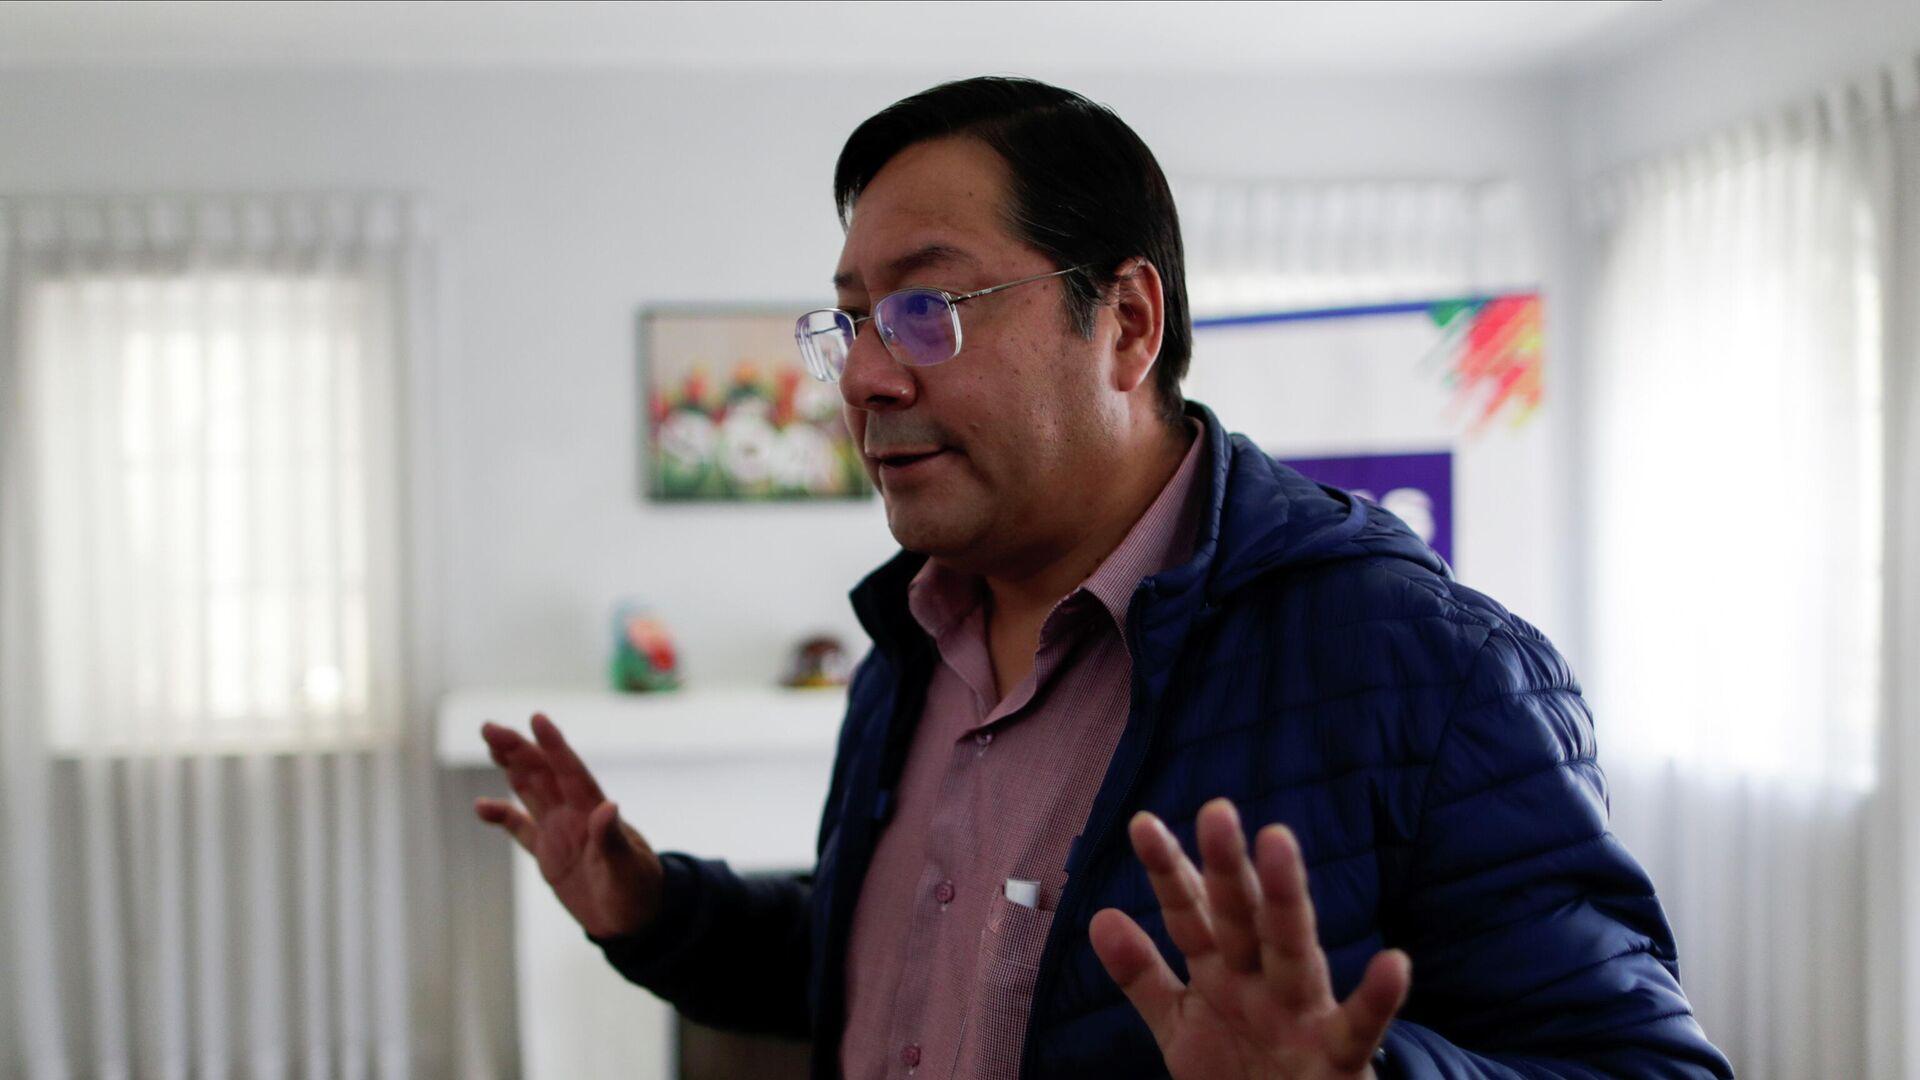 Кандидат в президенты от партии Движение за социализм Луис Арсе в Ла-Пасе, Боливия - РИА Новости, 1920, 26.10.2020